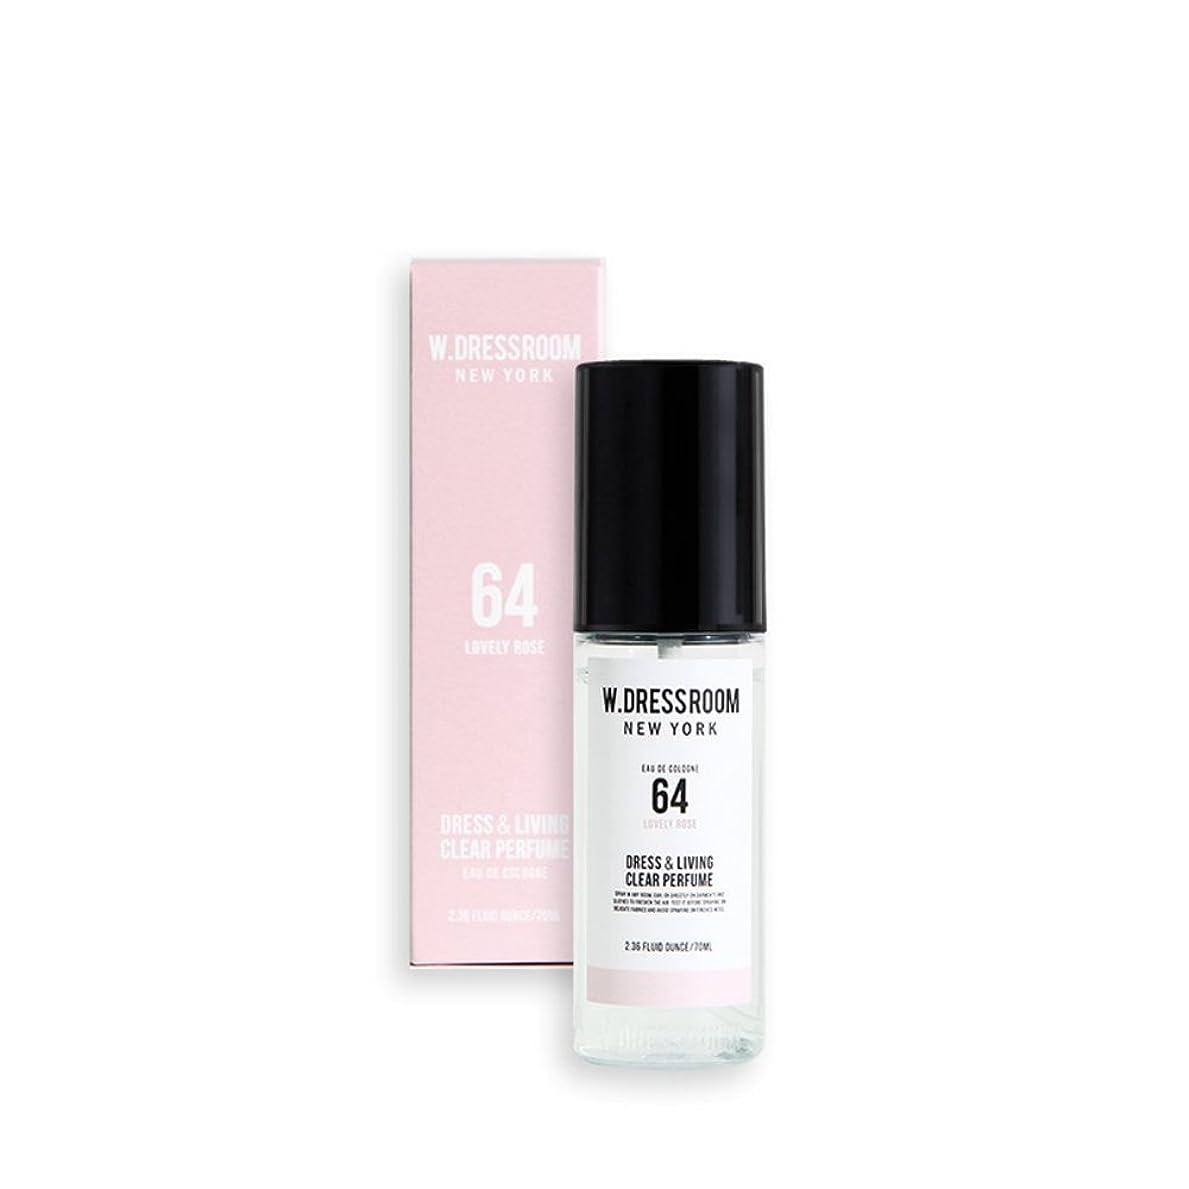 武装解除熟読トレーダーW.DRESSROOM Dress & Living Clear Perfume fragrance 70ml (#No.64 Lovely Rose)/ダブルドレスルーム ドレス&リビング クリア パフューム 70ml (#No.64 Lovely Rose)